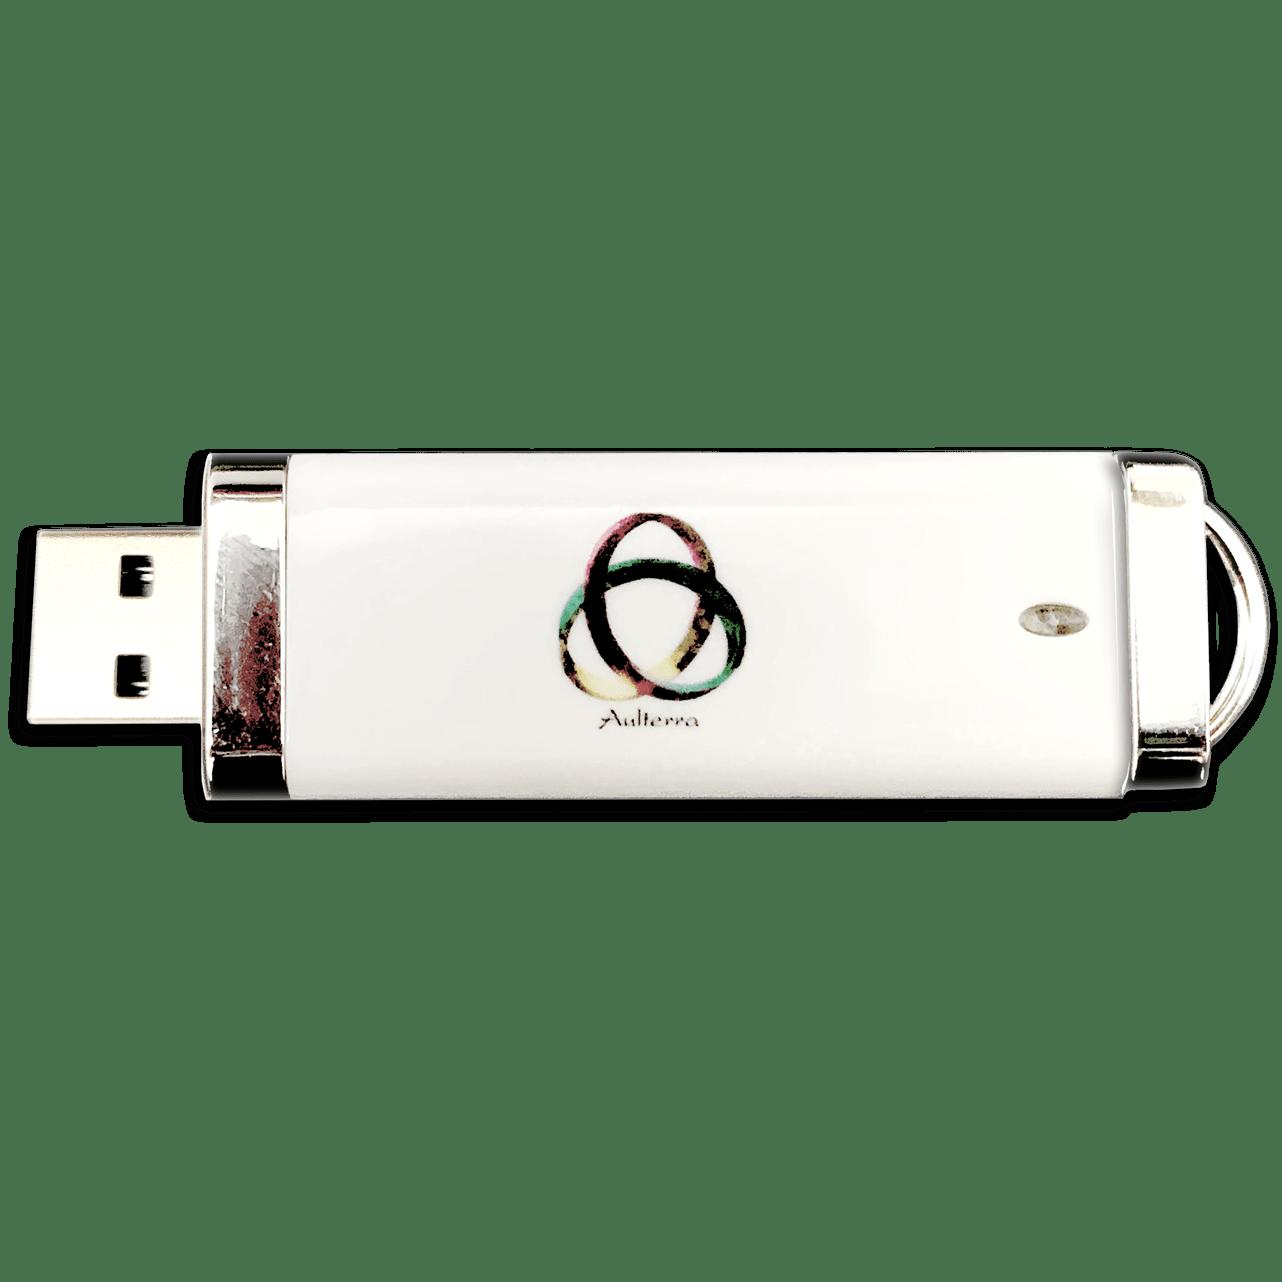 Aulterra USB House